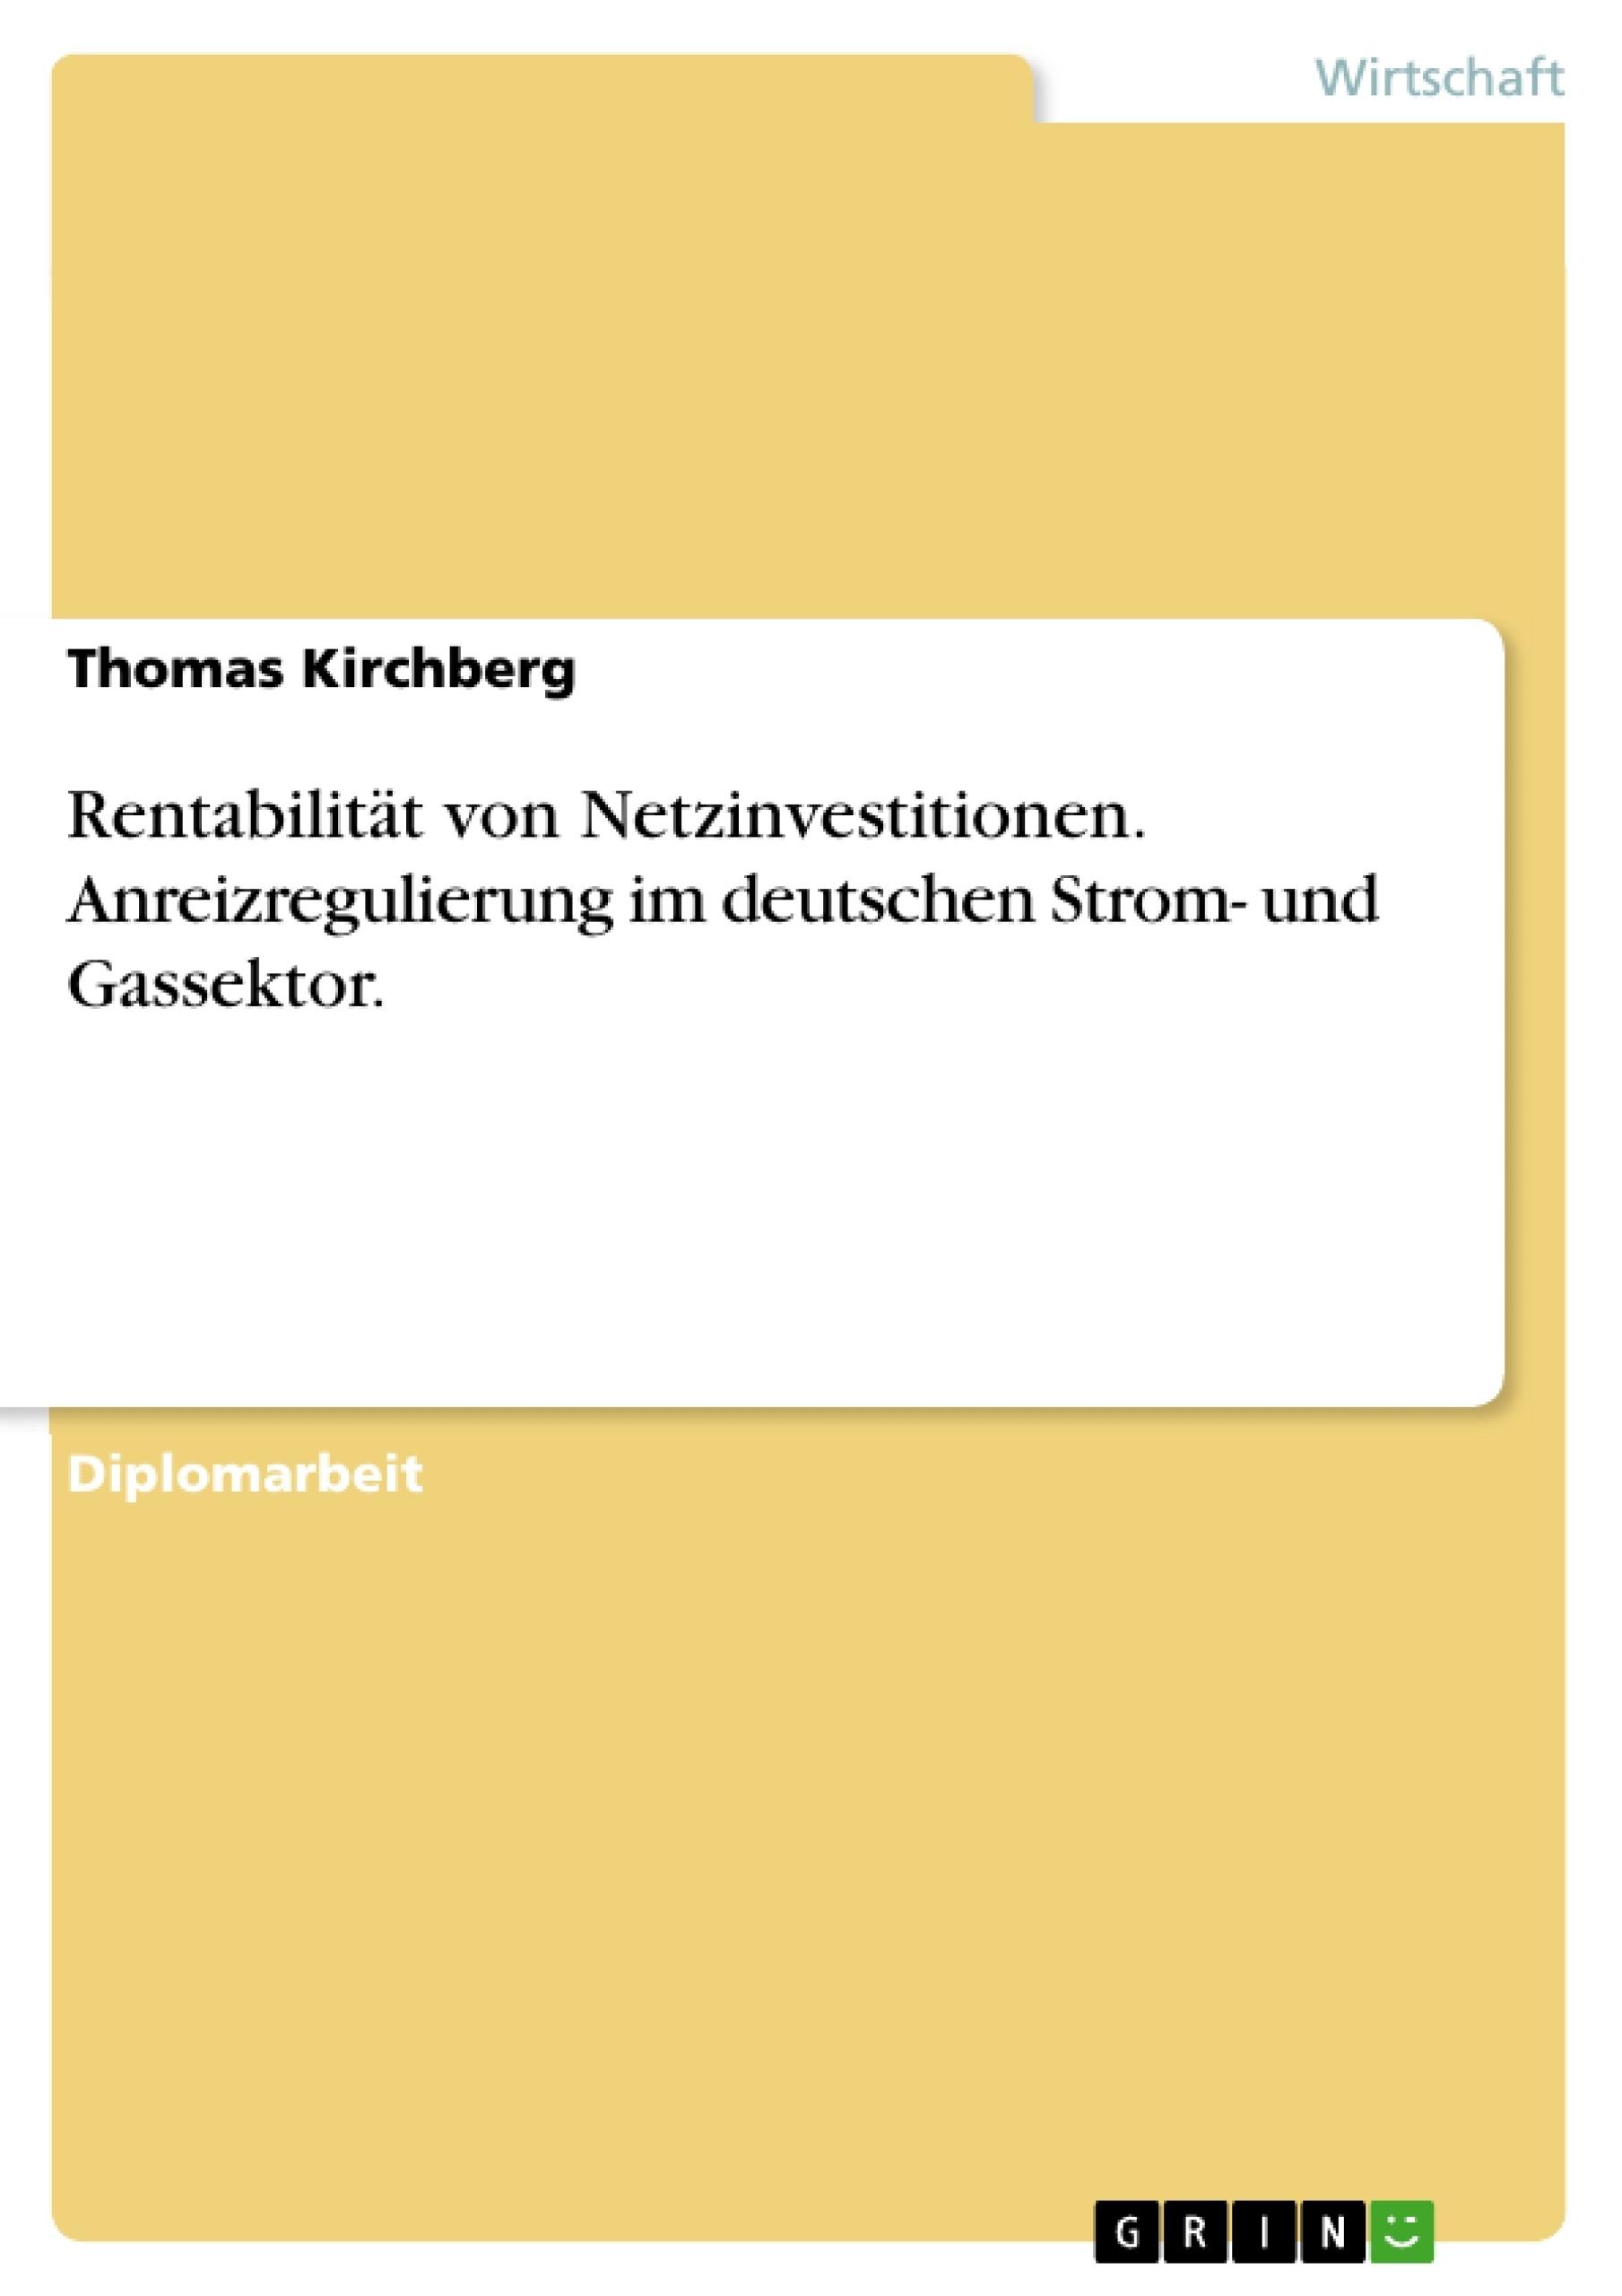 Titel: Rentabilität von Netzinvestitionen. Anreizregulierung im deutschen Strom- und Gassektor.